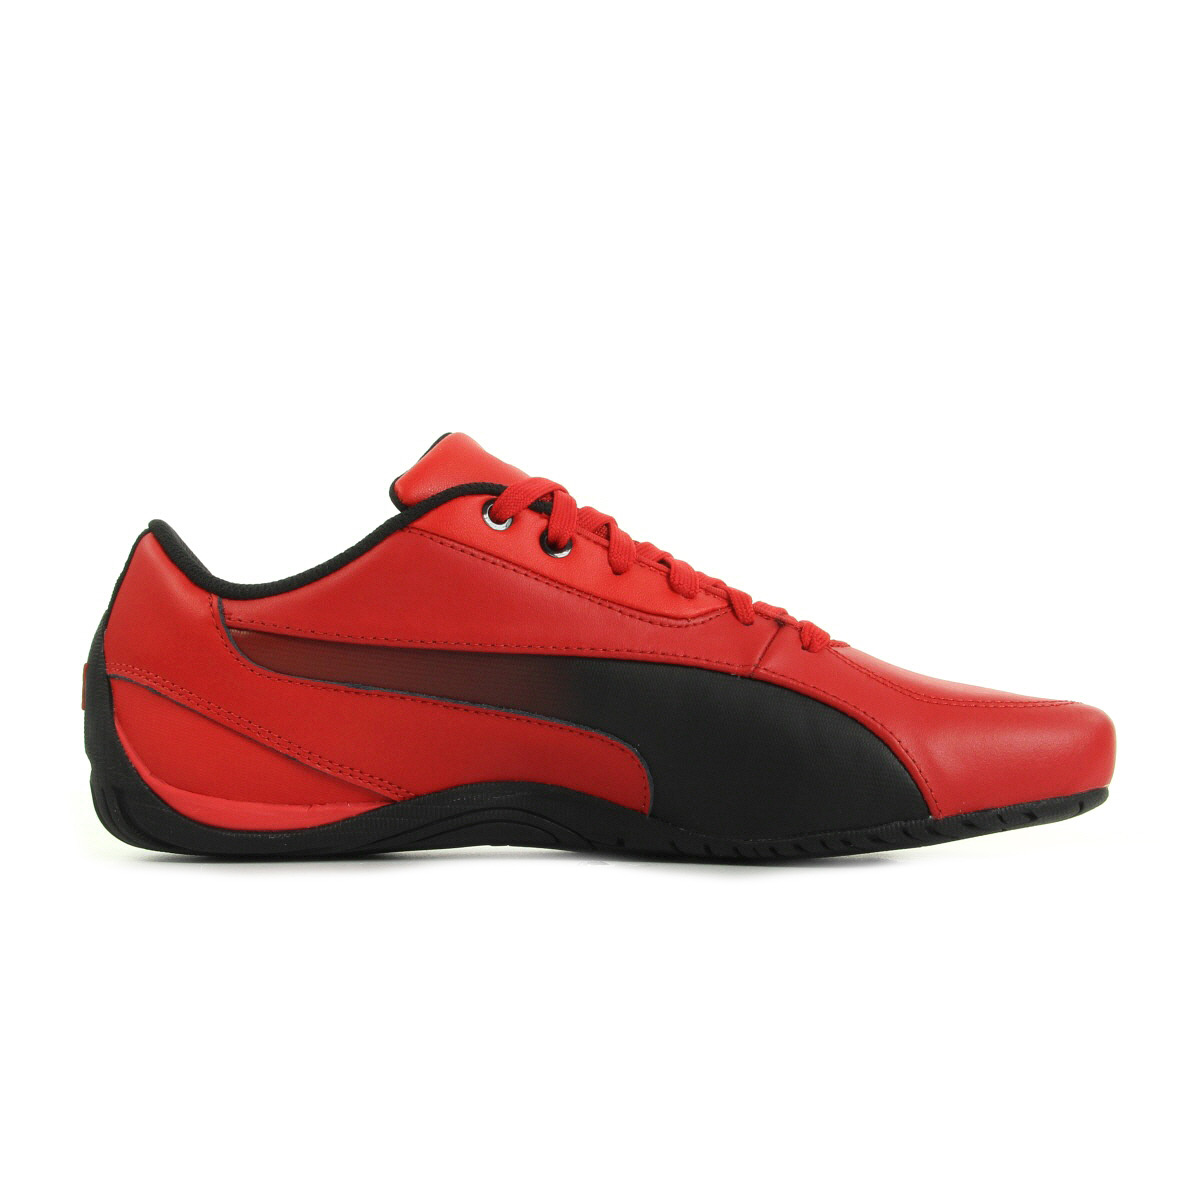 Puma Drift Cat 5 SF 30582402, Baskets mode homme